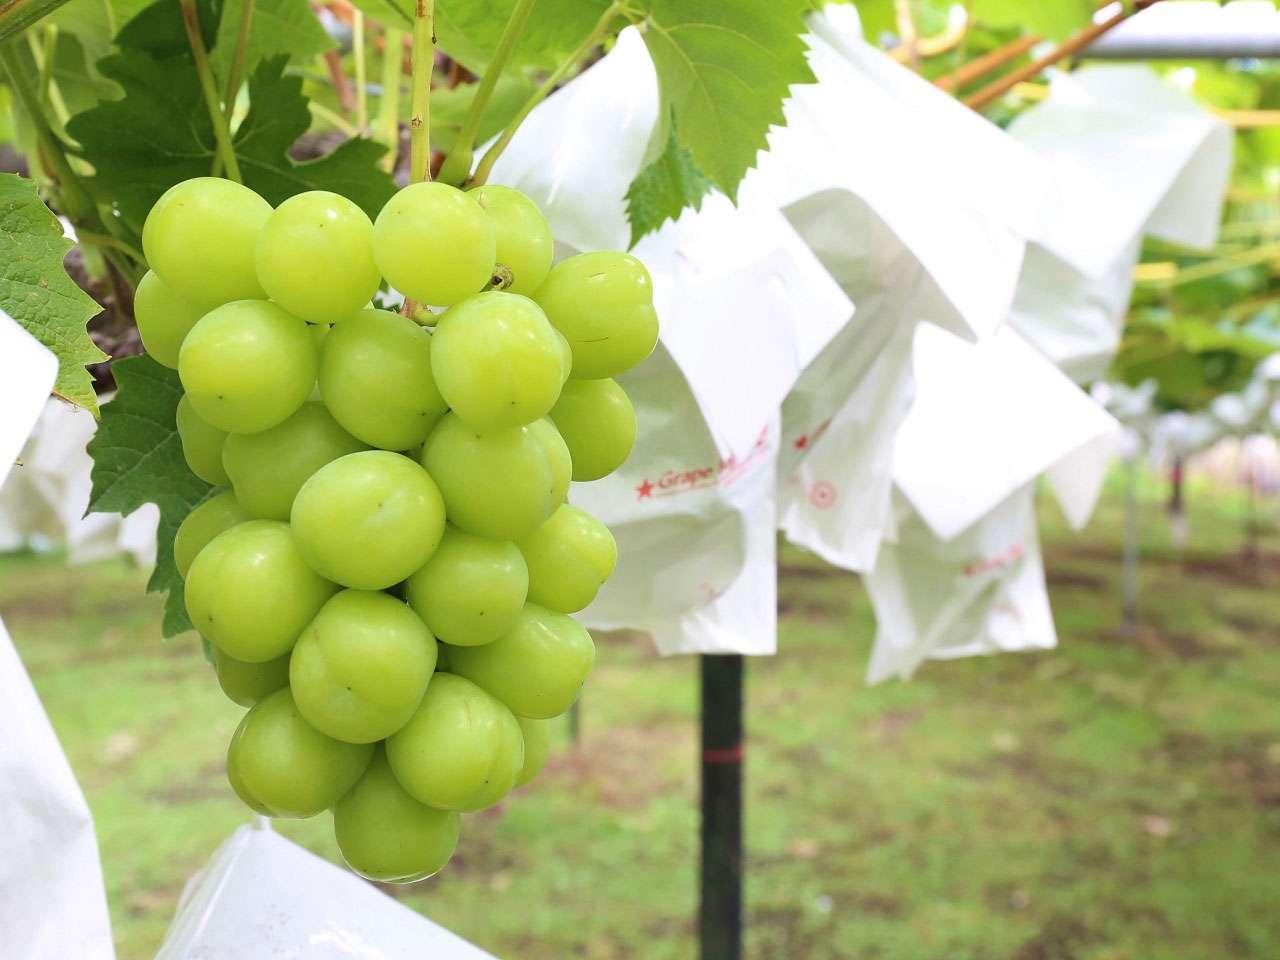 キービジュアル画像:農薬に頼らず、適地適作で育てる信州の果実